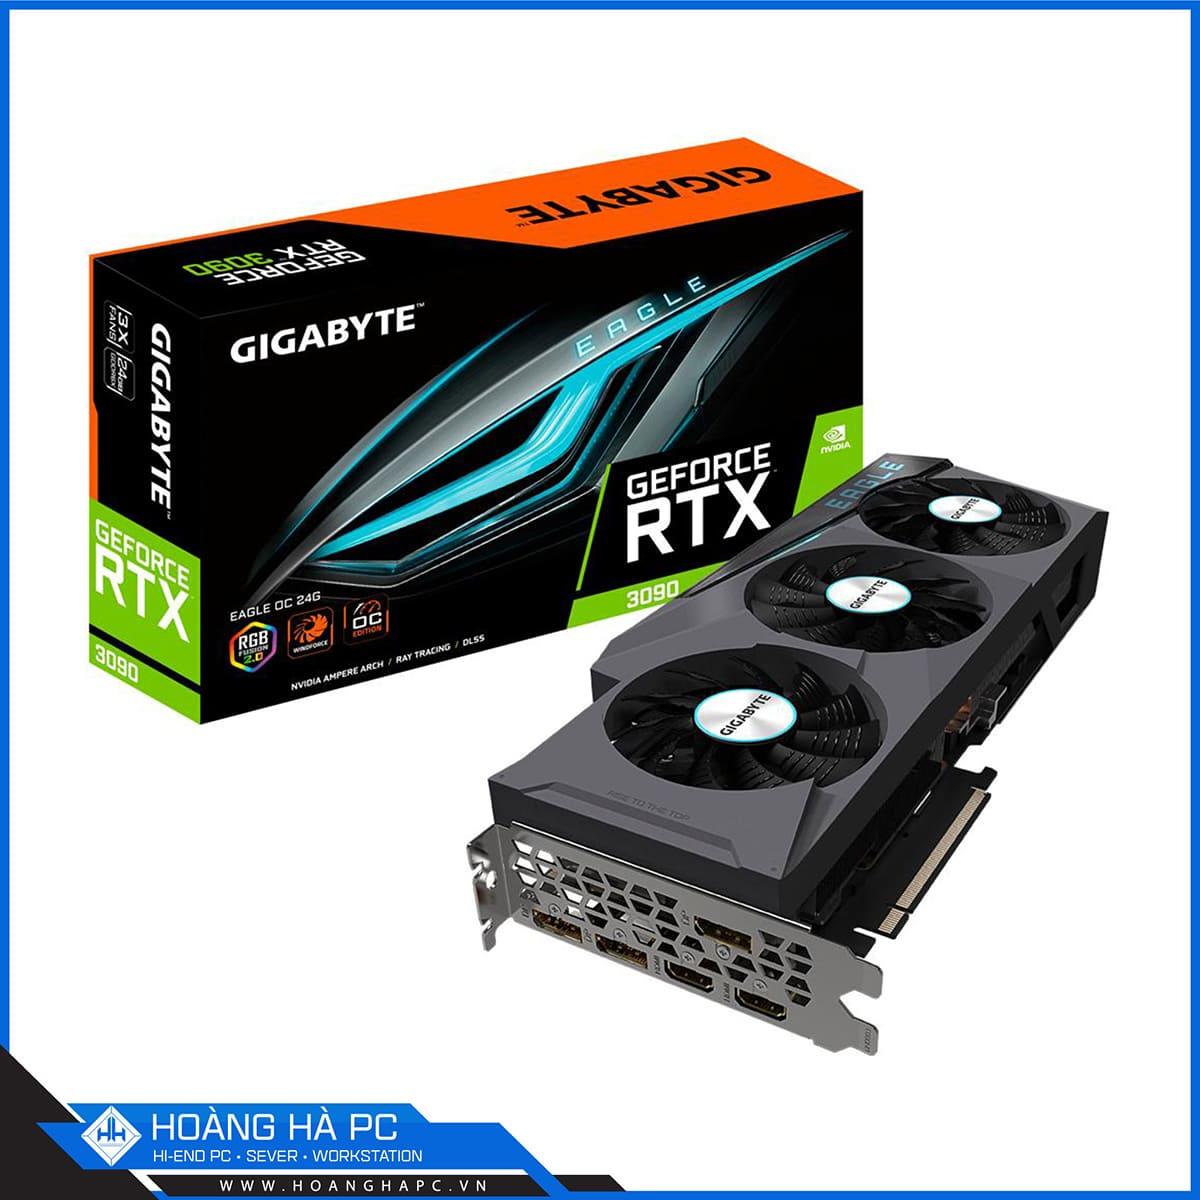 Card màn hình NVIDIA Geforce RTX đem lại hiệu năng cực cao